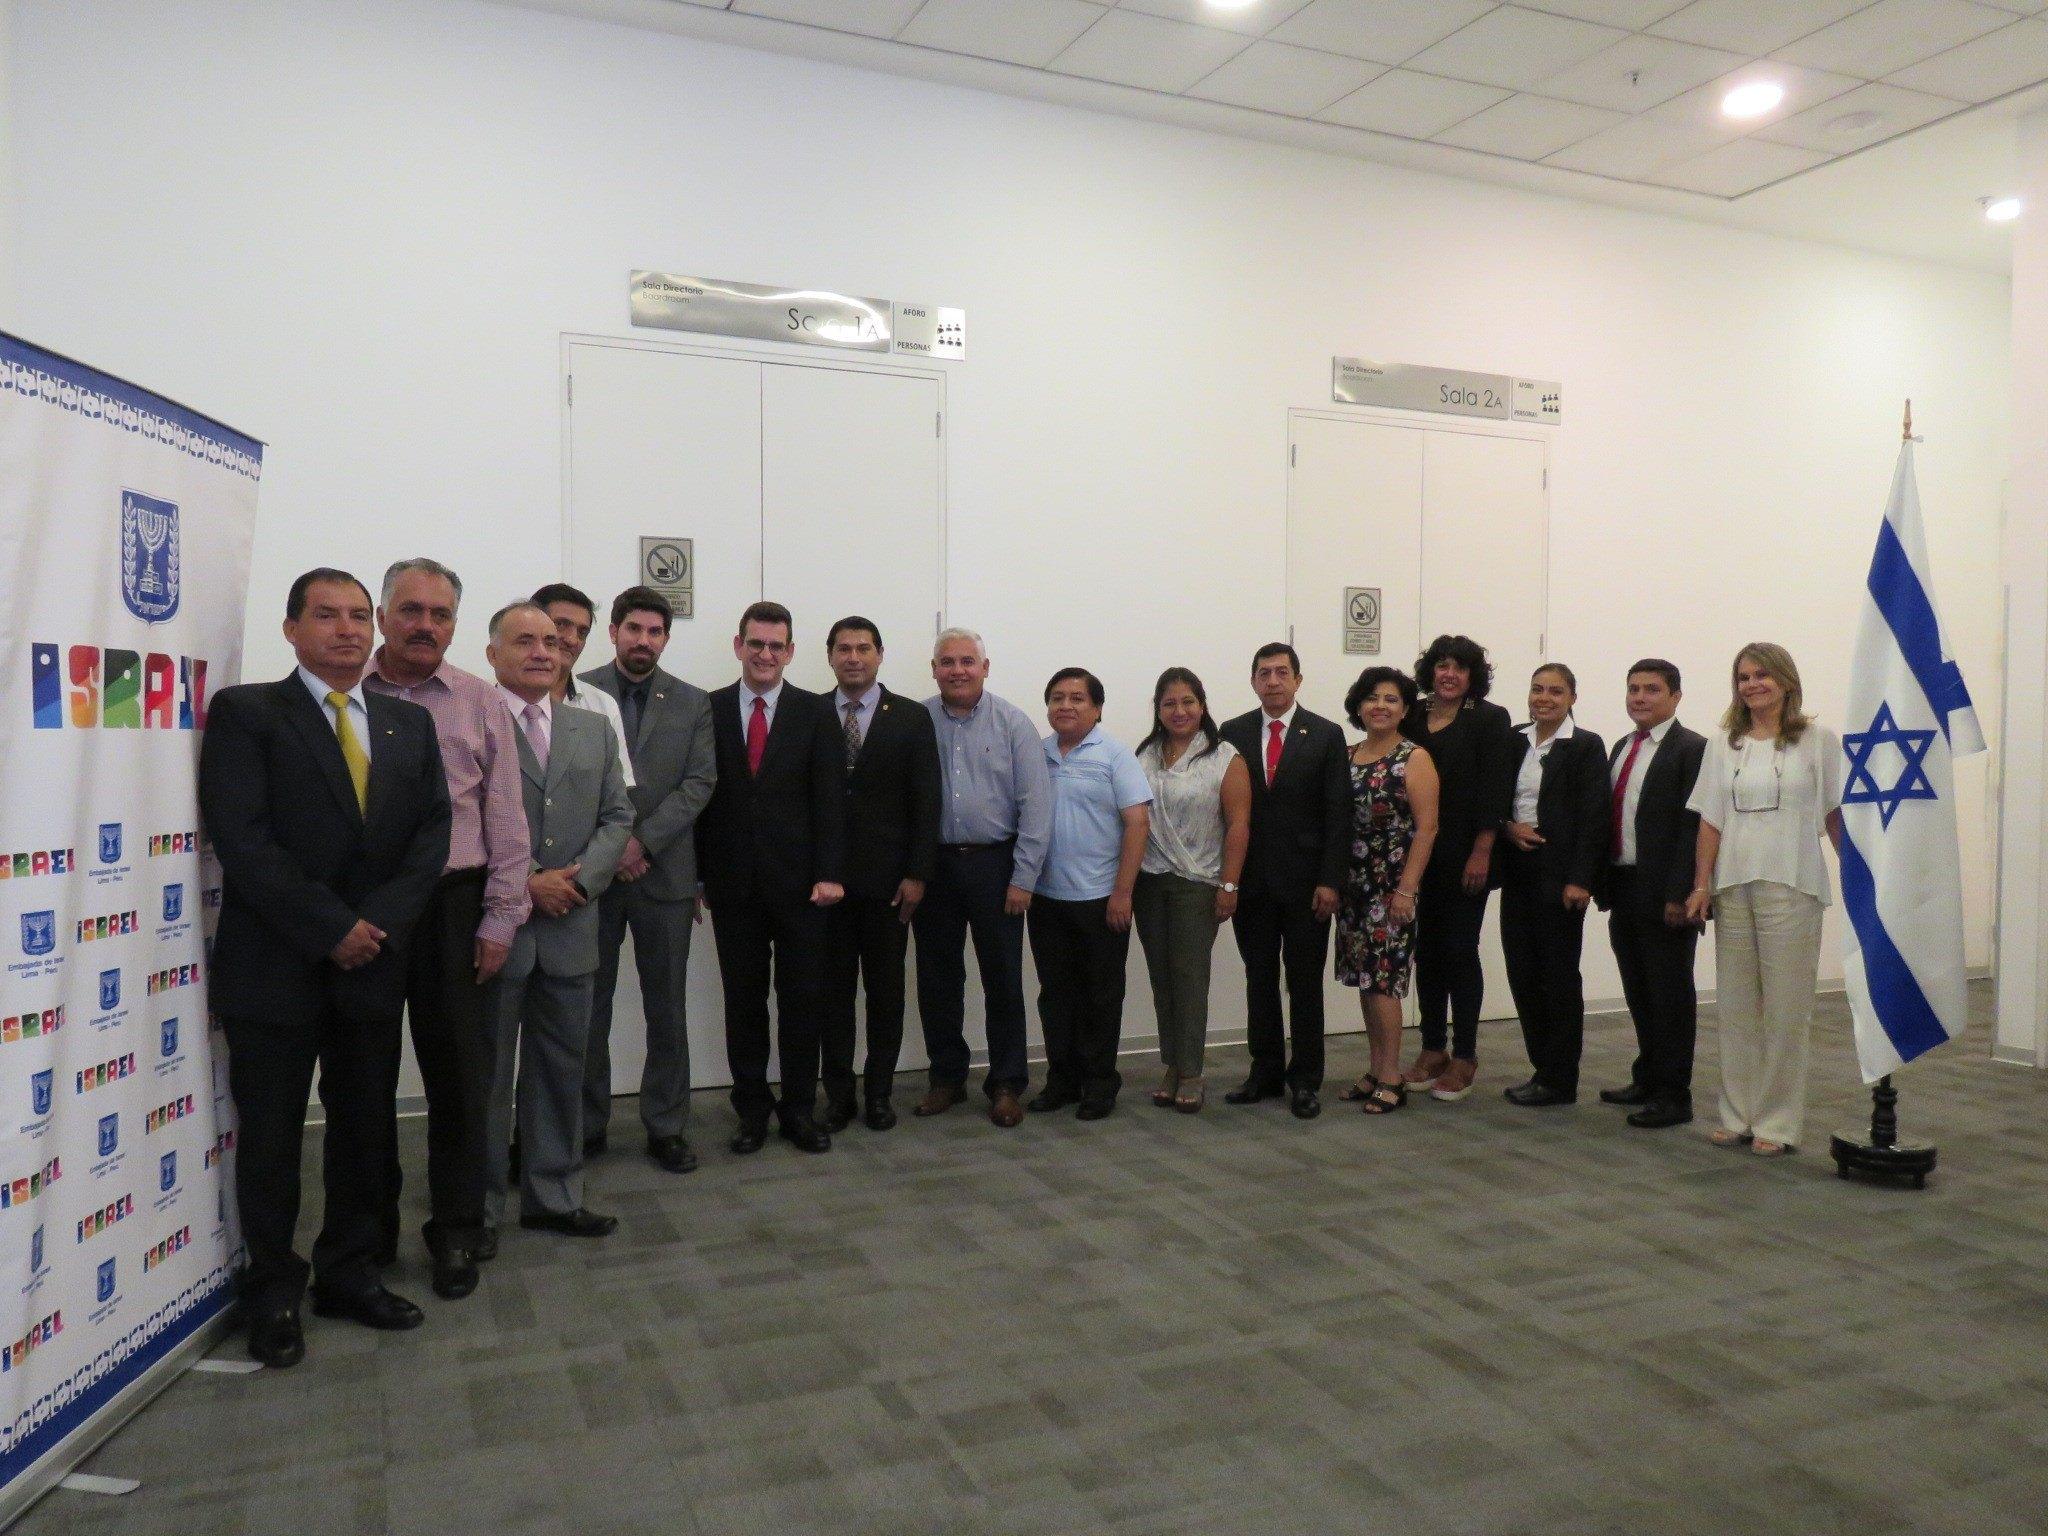 Expertos israelíes dan conferencia sobre seguridad ciudadana en Lima